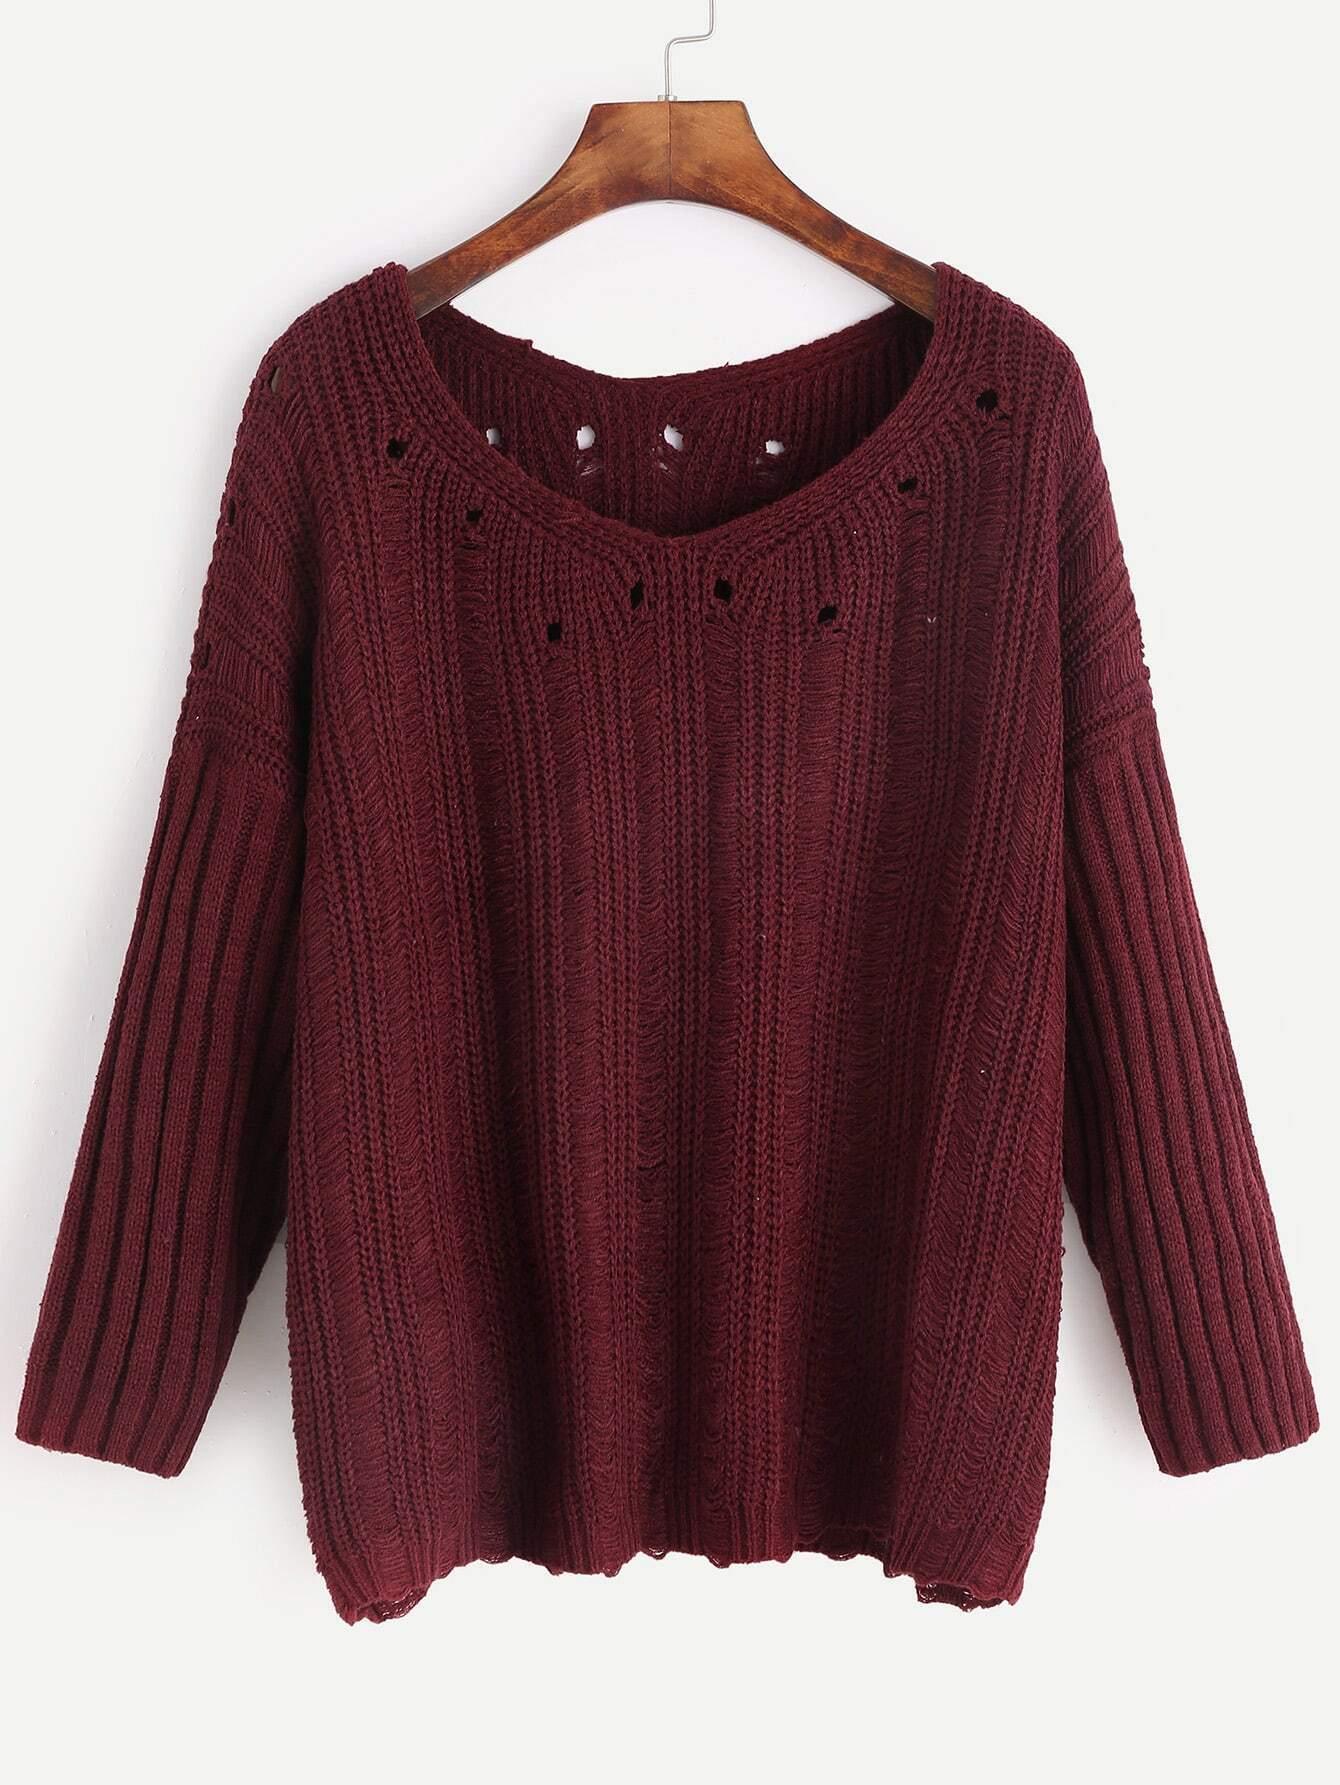 V Neck Drop Shoulder Eyelet Ribbed Knit Sleeve Sweater